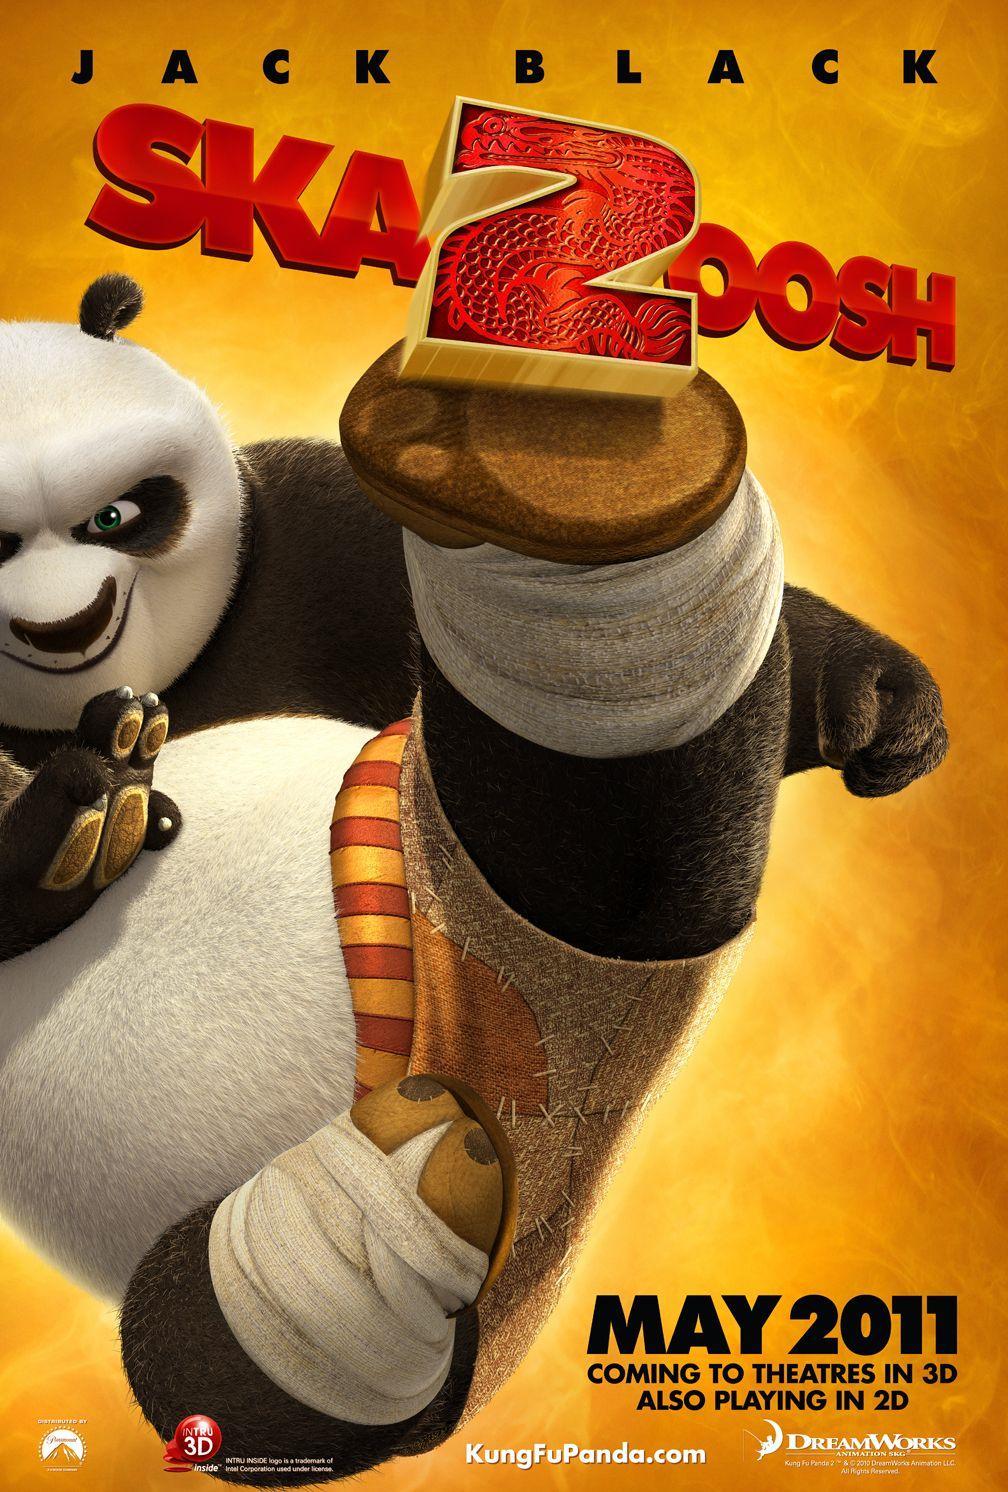 Kung%20Fu%20Panda%202%202011.1 1 دانلود انیمیشن Kung Fu Panda 2 2011